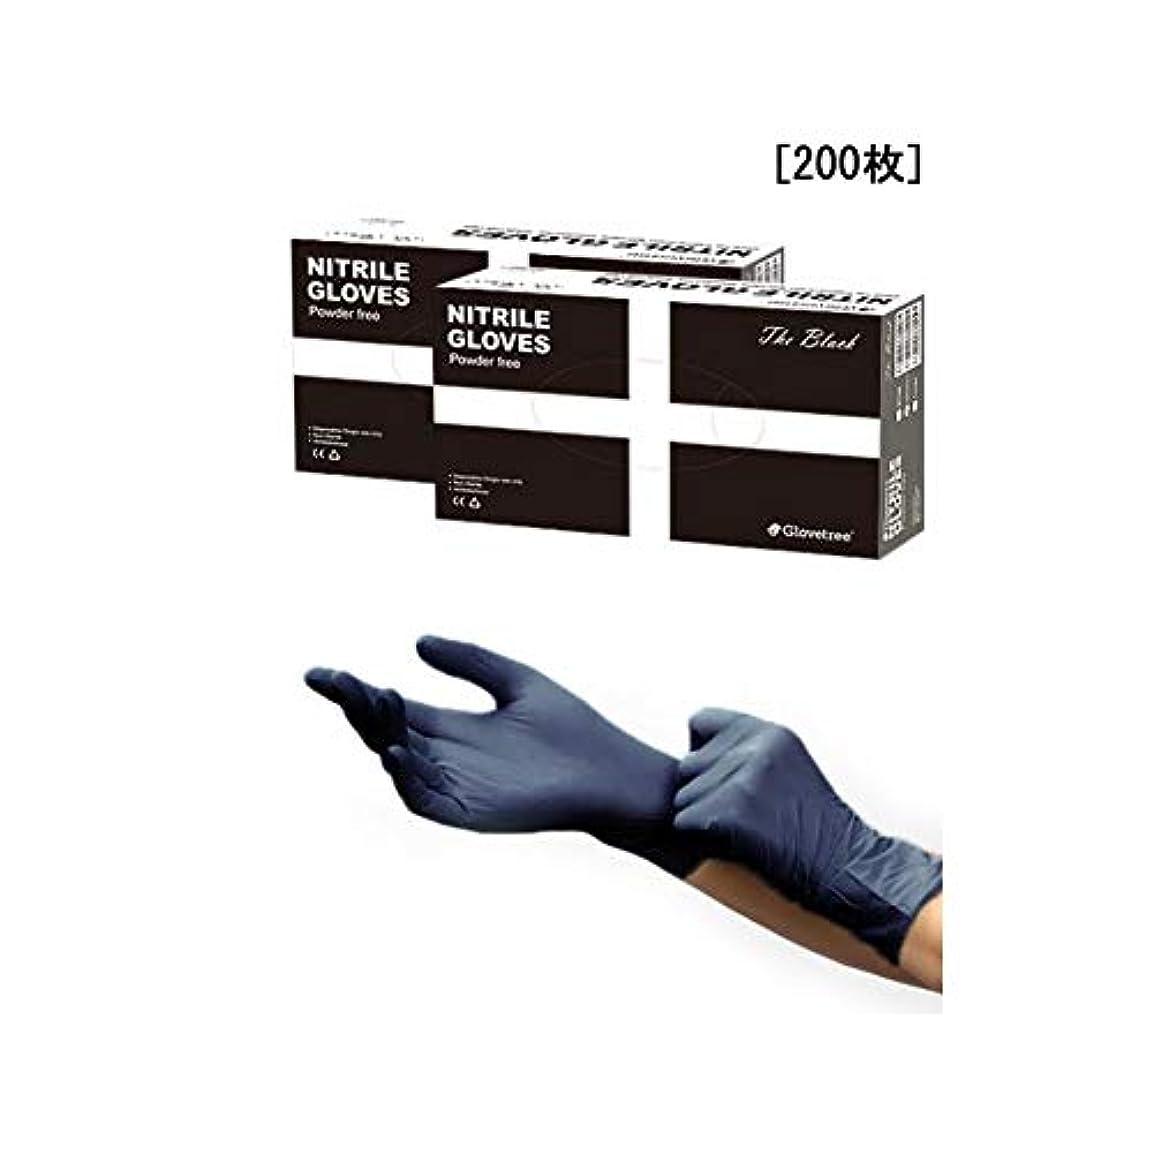 ビスケット選出するのみ(Glove Tree)最高品質 無粉末 ニトリル手袋 パウダーフリー The Black 200枚(5g Nitrile、Mサイズ基準, Powder Free)【海外配送商品】【並行輸入品】 (L)